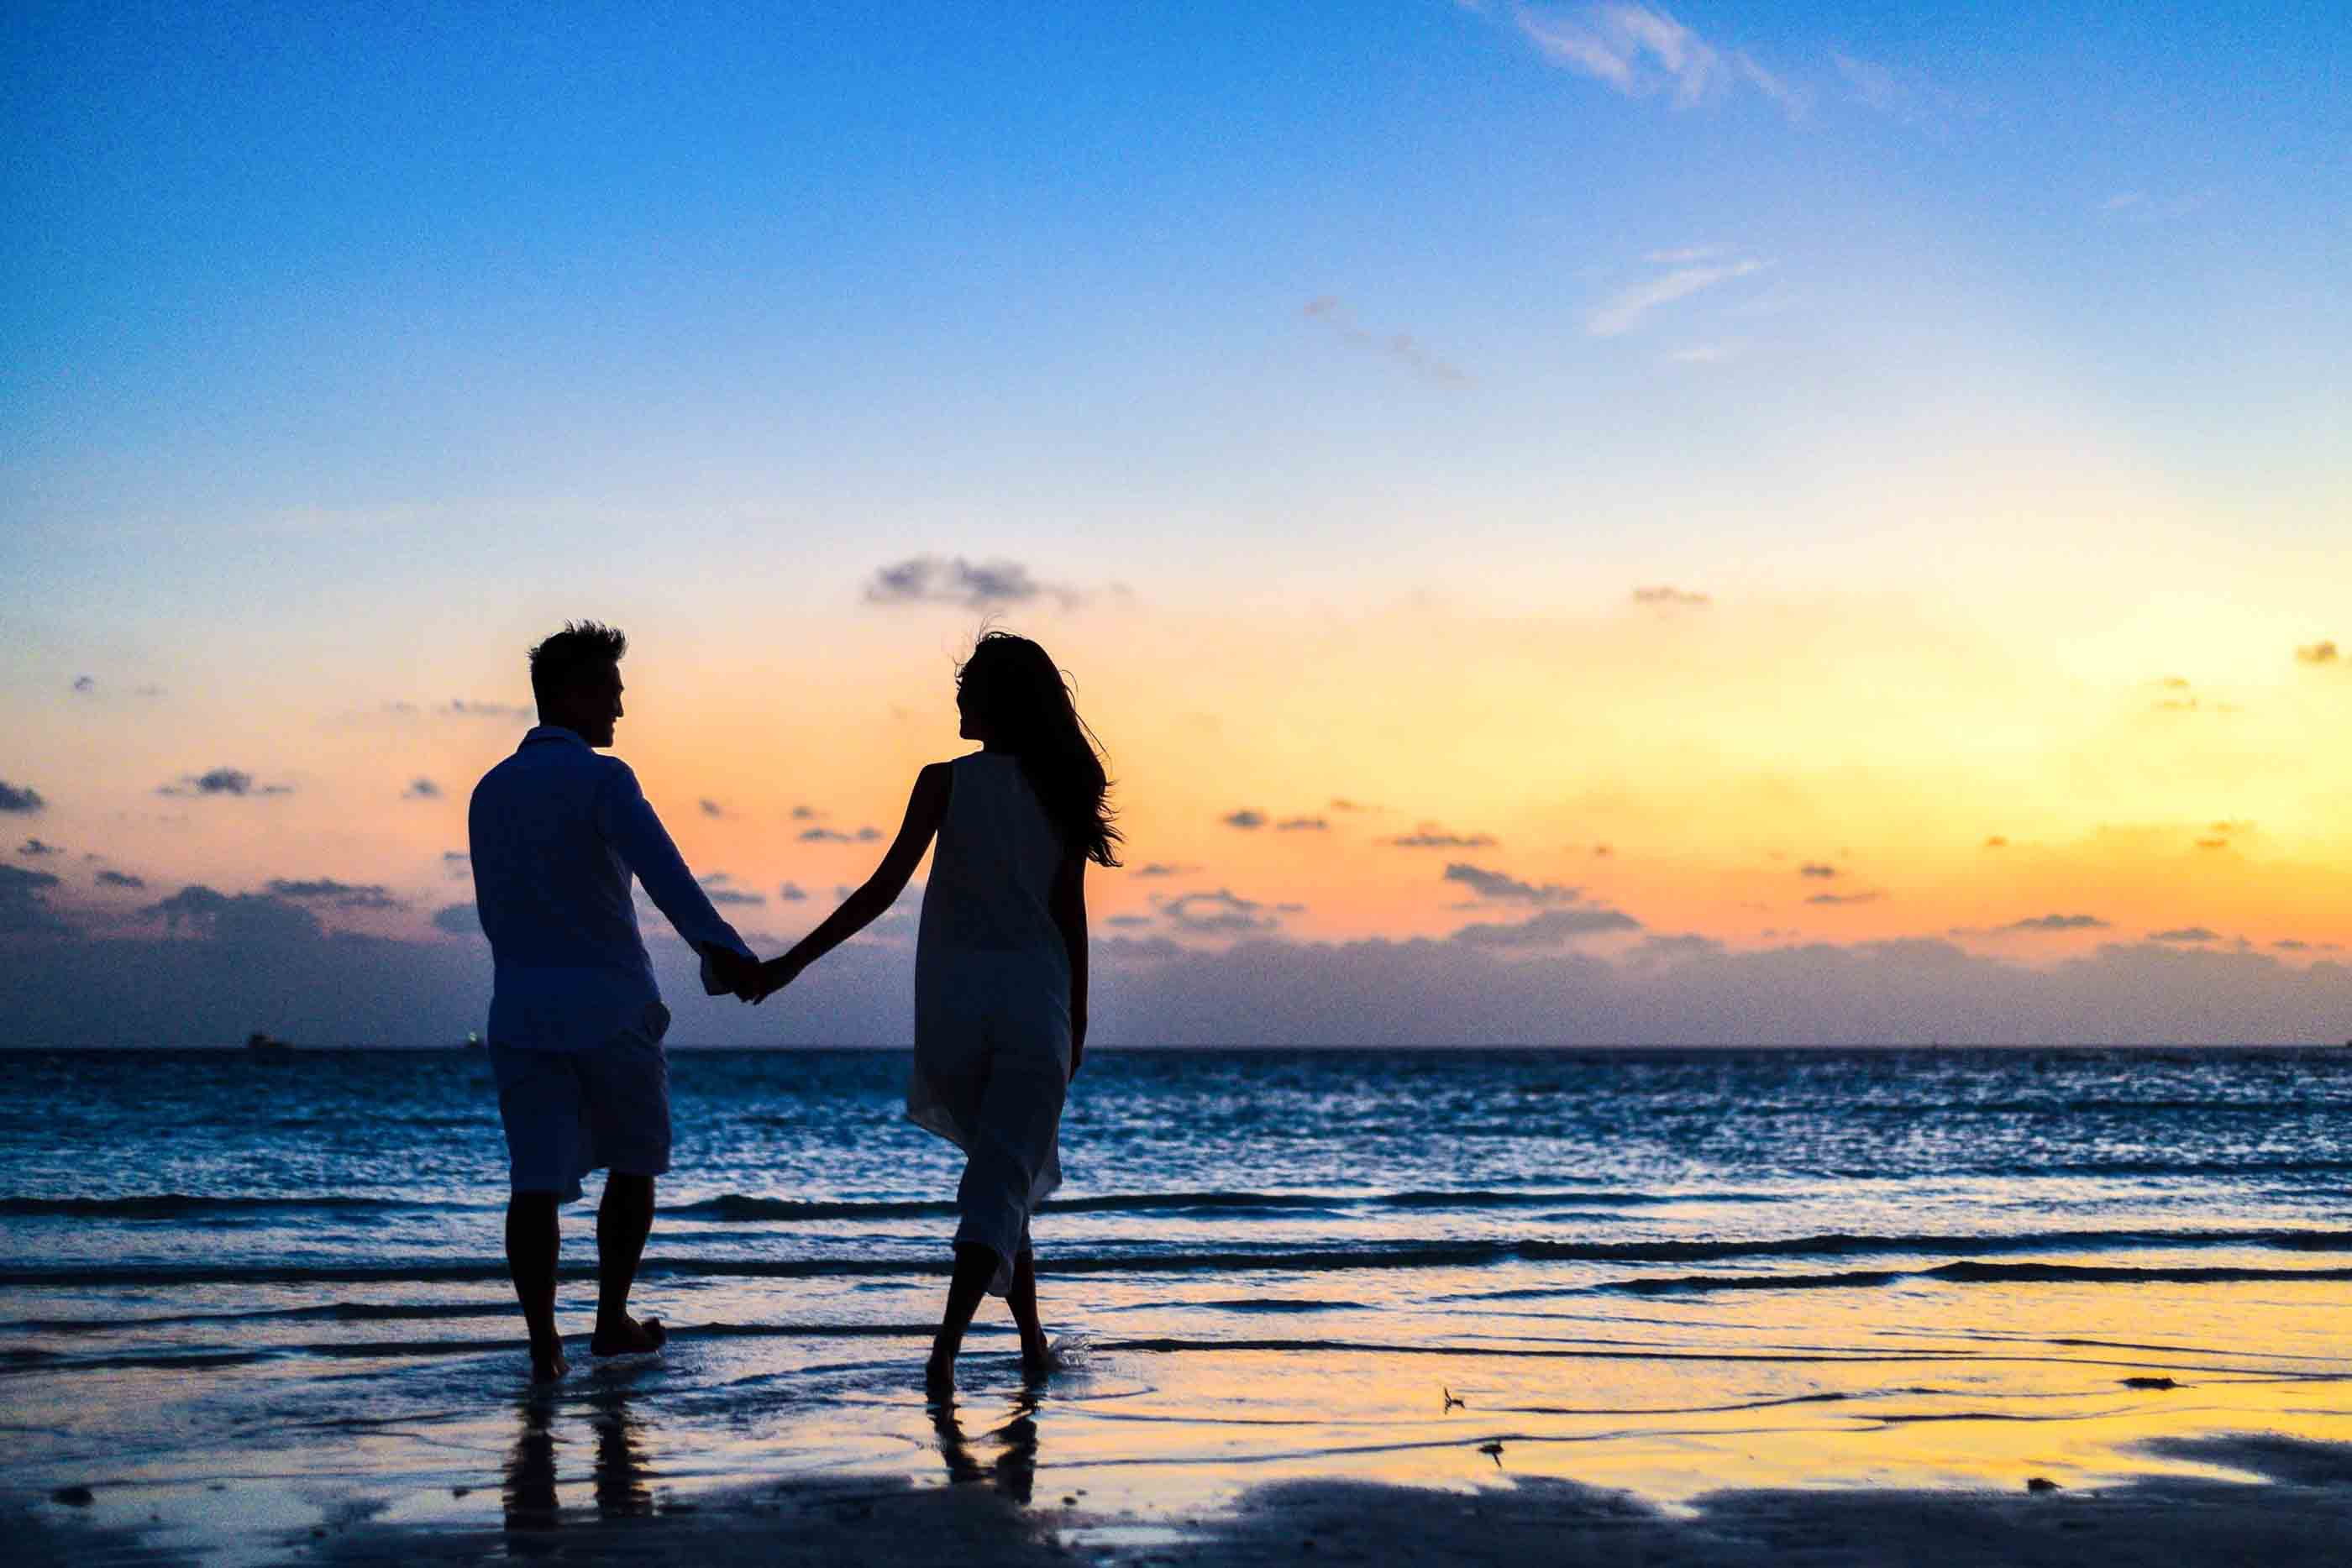 バツイチのほうが婚活うまくいく?